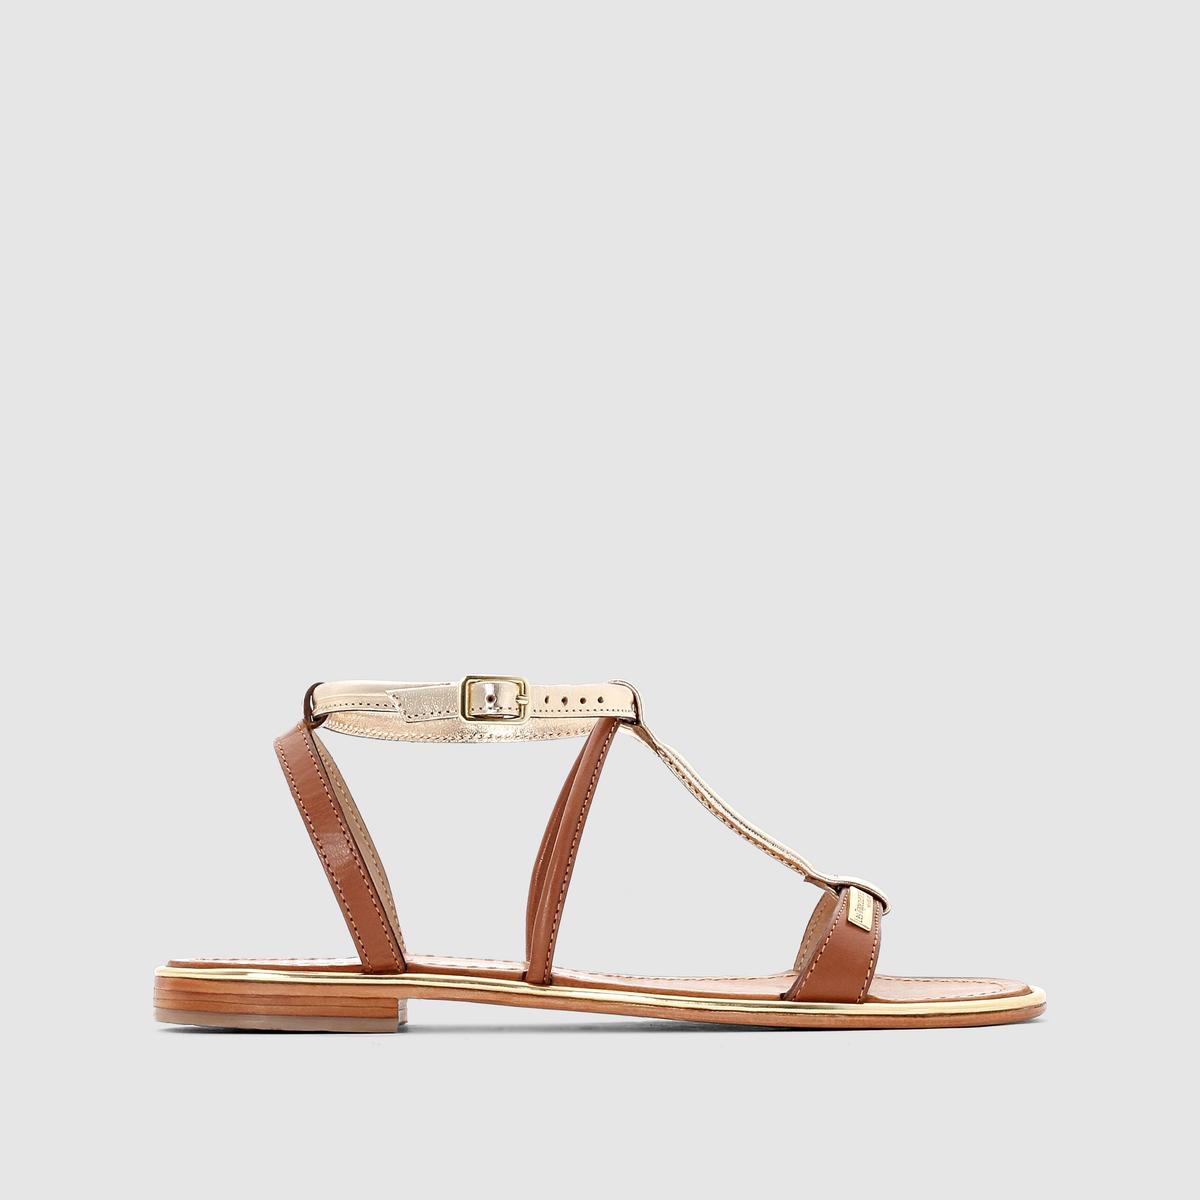 Сандалии плоские Haquina, из кожиПлоские сандалии с изысканными тонкими ремешками из кожи серебристо-белого, золотисто-рыжего или черного цвета можно сочетать летом с небольшими платьями, шортами или длинными юбками  ...<br><br>Цвет: Бежевый/золотистый<br>Размер: 37